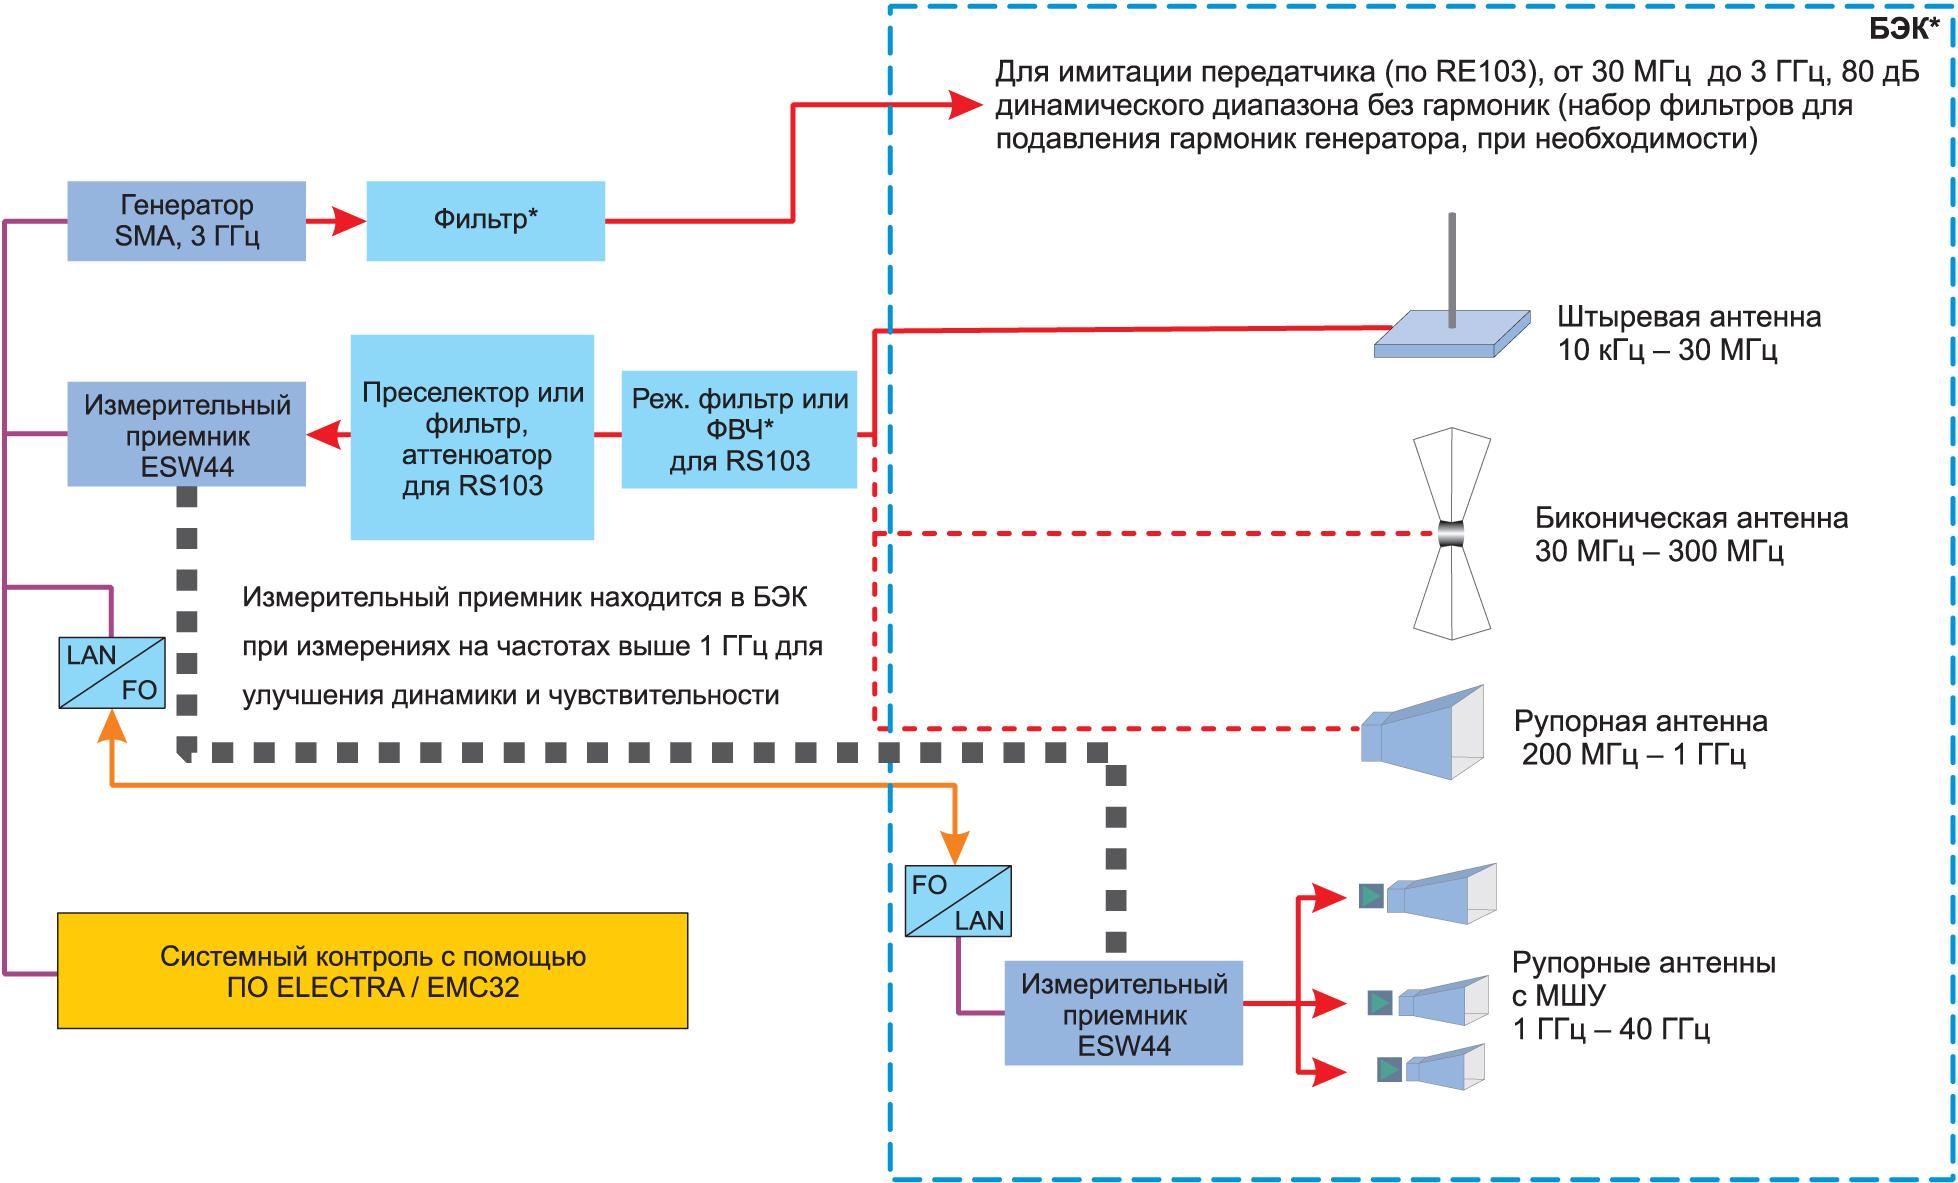 Схема автоматической измерительной установки для анализа помехоэмиссии в диапазоне частот 10 кГц — 40 ГГц при использовании ПО R&S ELEKTRA